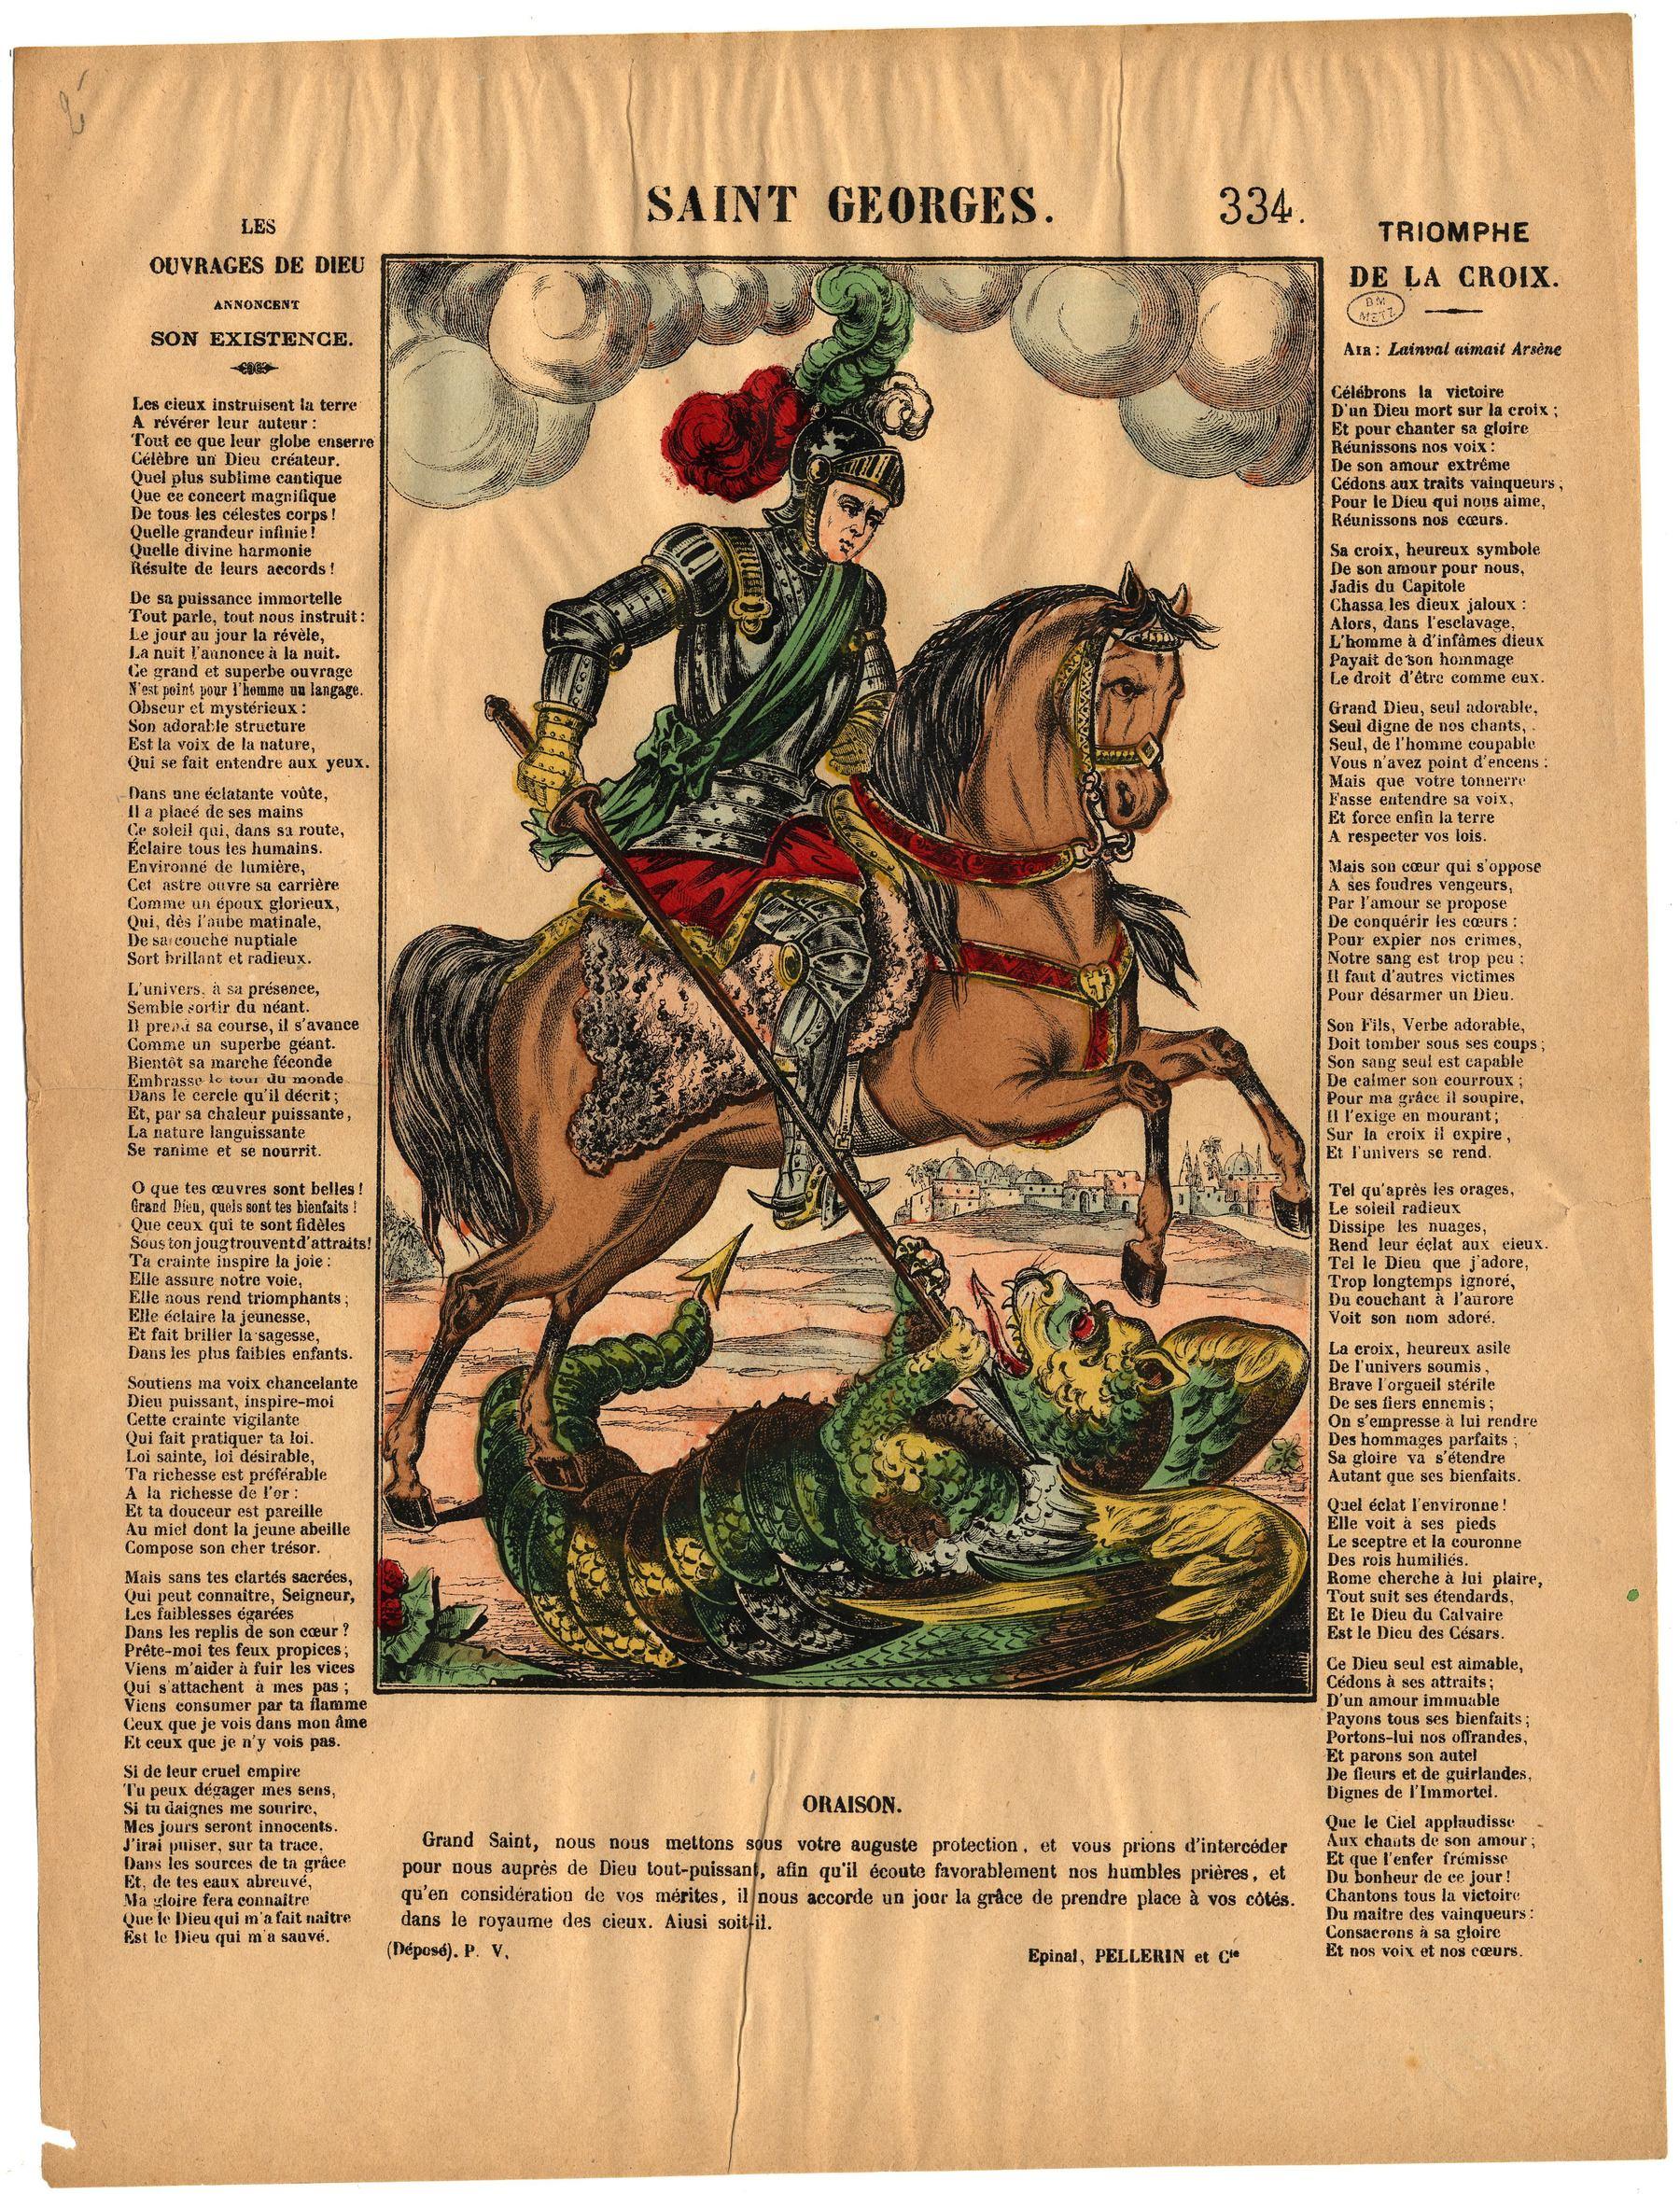 Contenu du Saint Georges terrassant le dragon